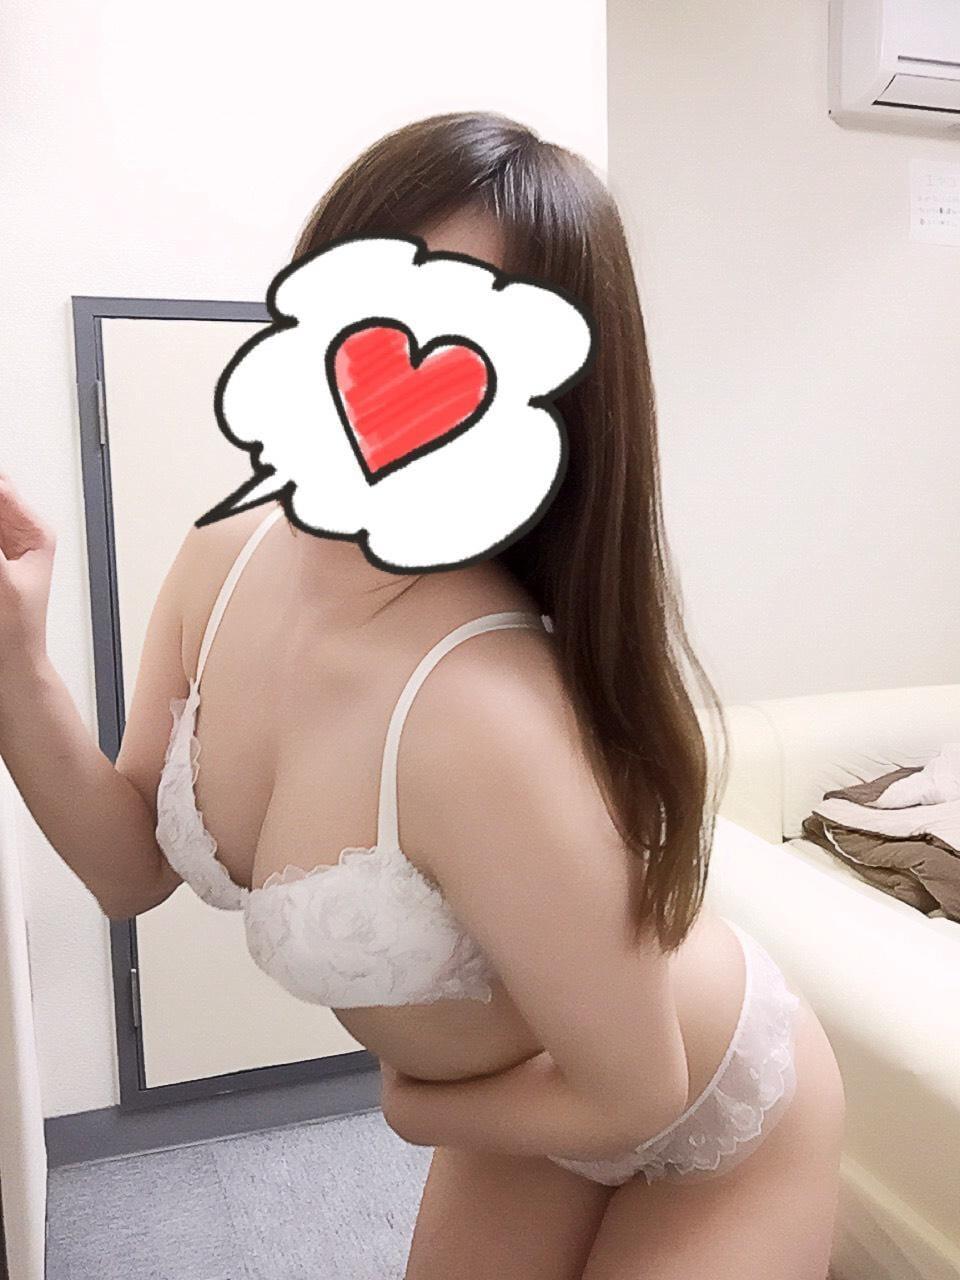 「たいき♡」10/18(10/18) 10:27 | りんごの写メ・風俗動画